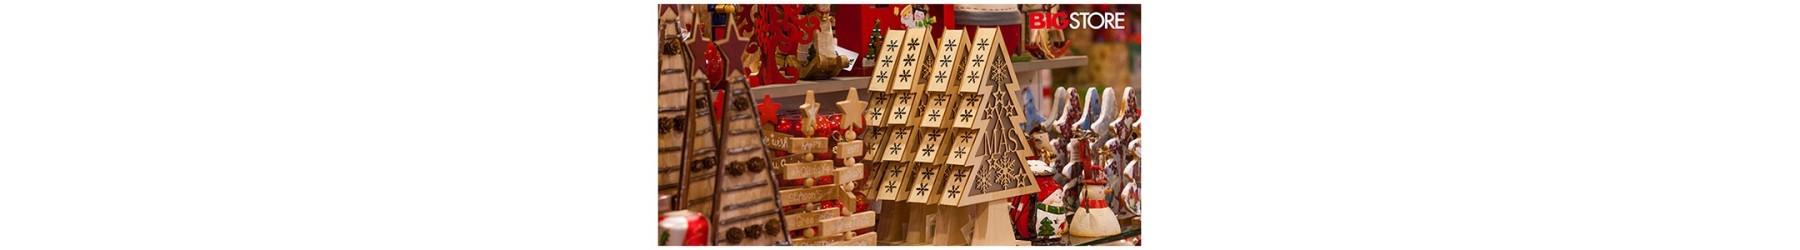 Χριστουγεννιάτικα διακοσμητικά δεντρα σε διάφορα σχέδια